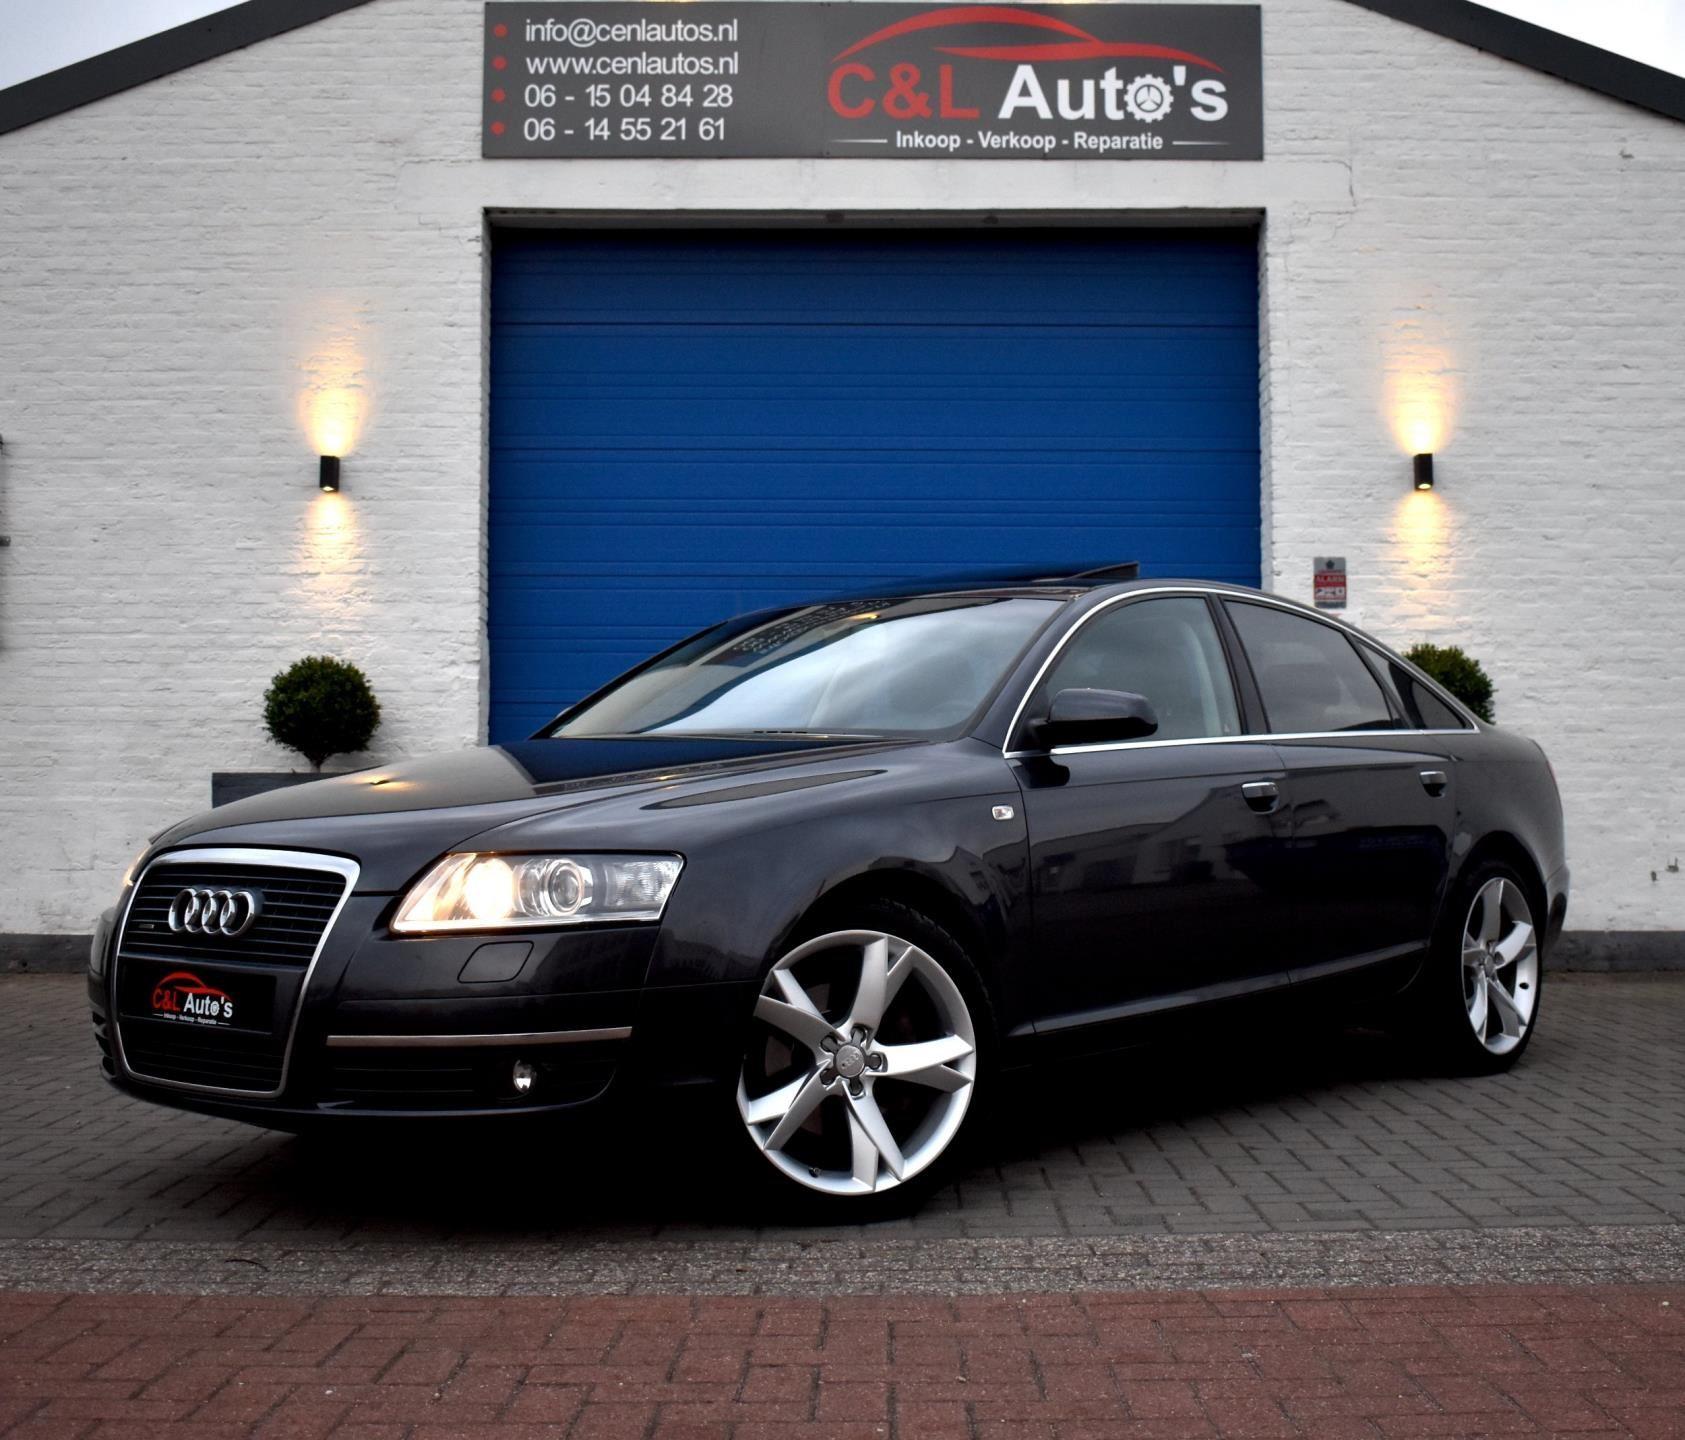 Audi A6 occasion - C&L Auto's